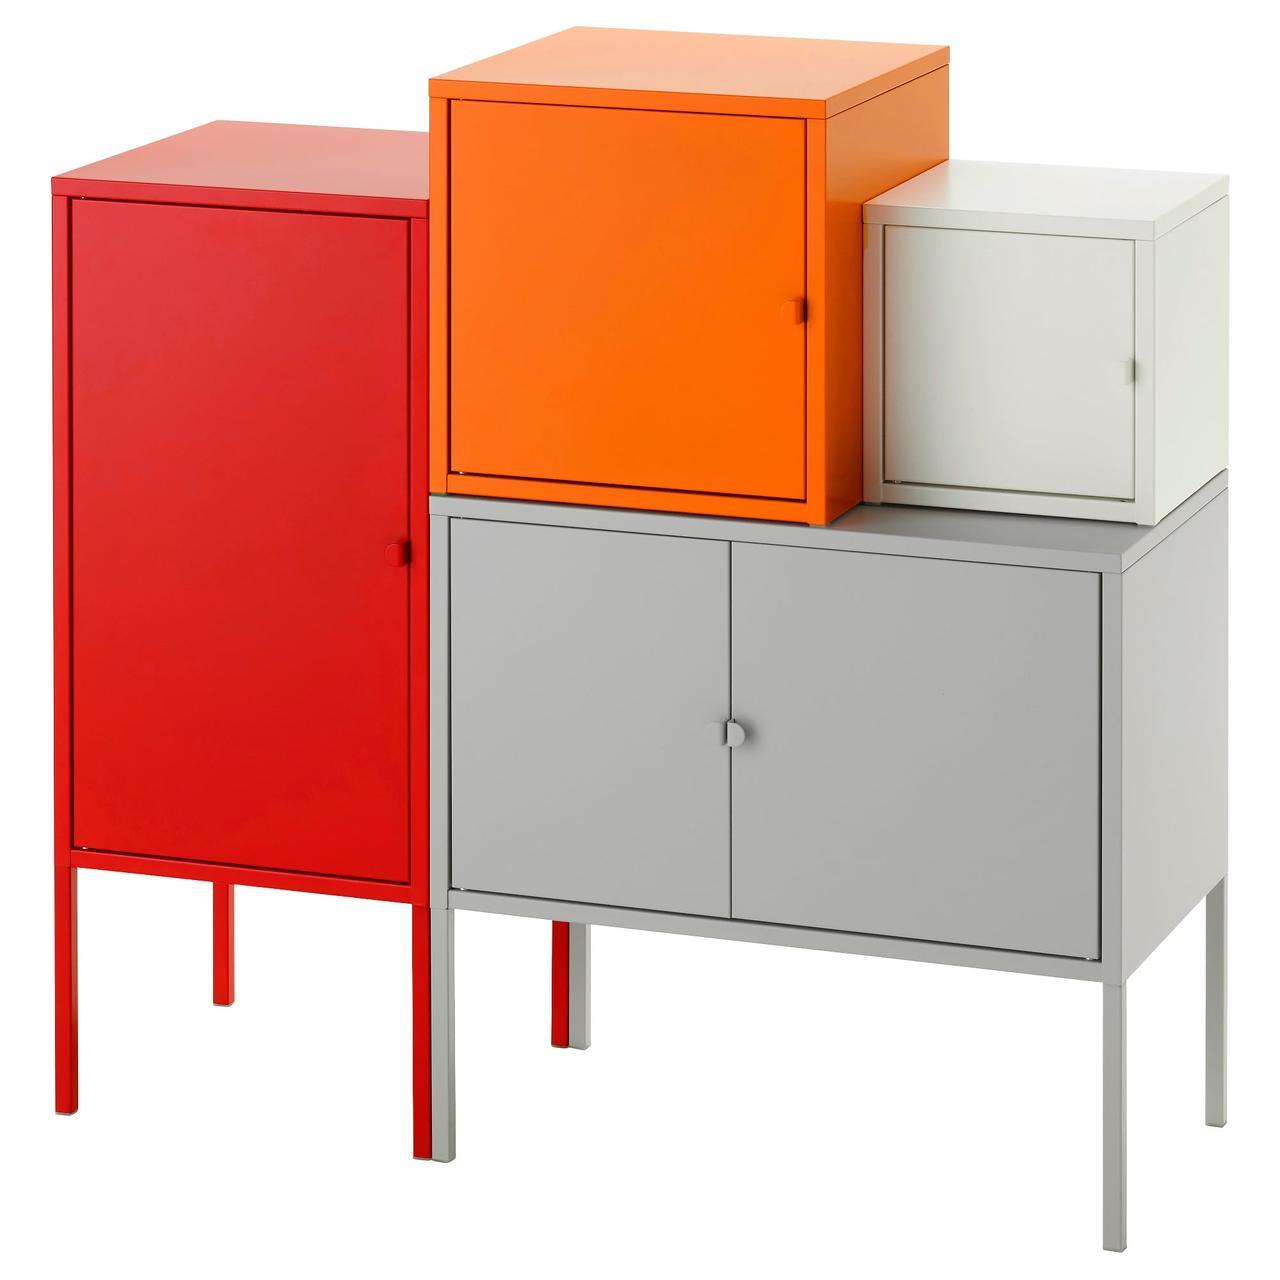 ЛИКСГУЛЬТ Комбинация д/хранения, серый/белый, оранжевый/красный